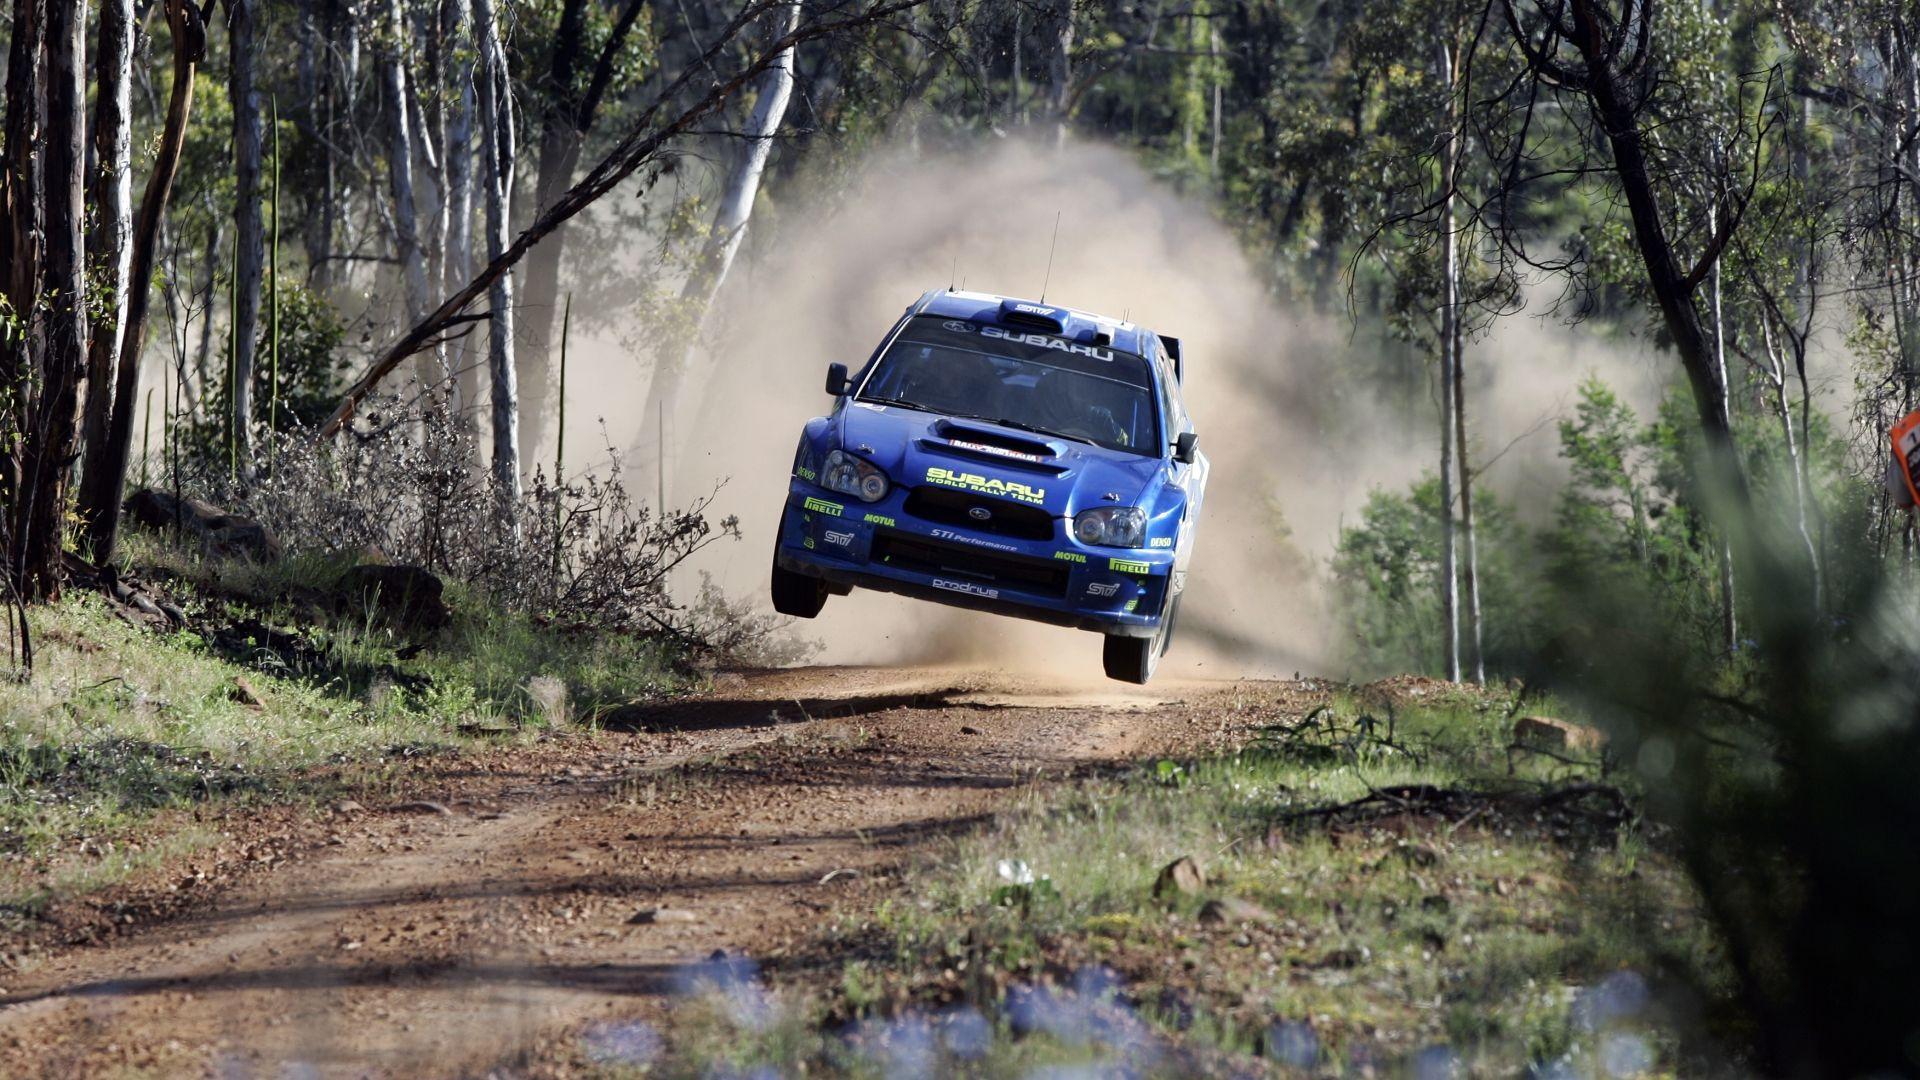 Sti Rally Car Phone Wallpaper Ultra Hd Subaru Rally Wallpapers Top Free Subaru Rally